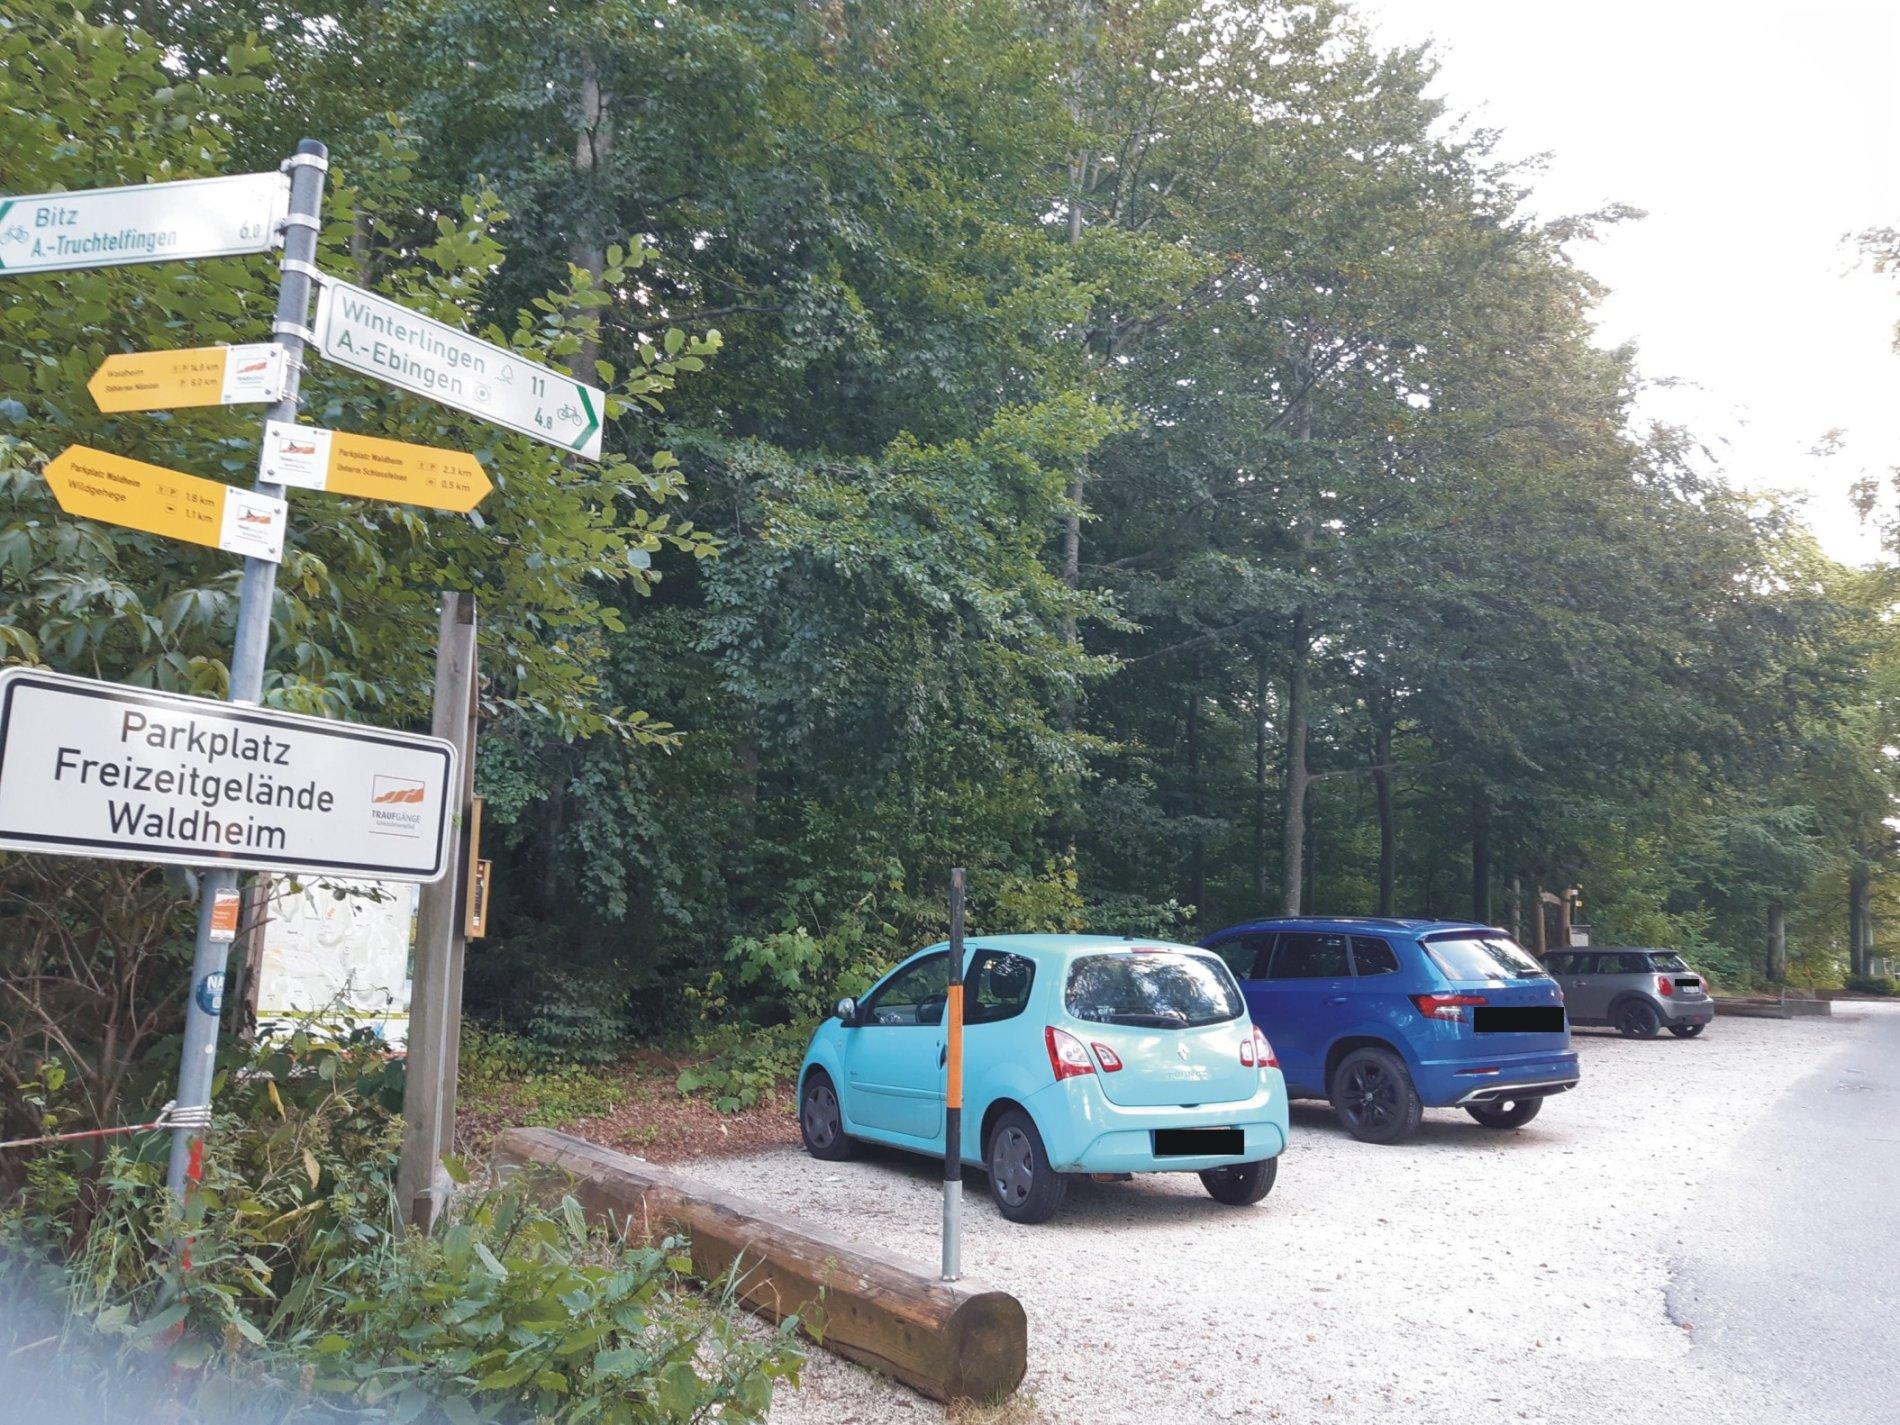 Parkplatz Freizeitgelände Waldheim Albstadt-Ebingen